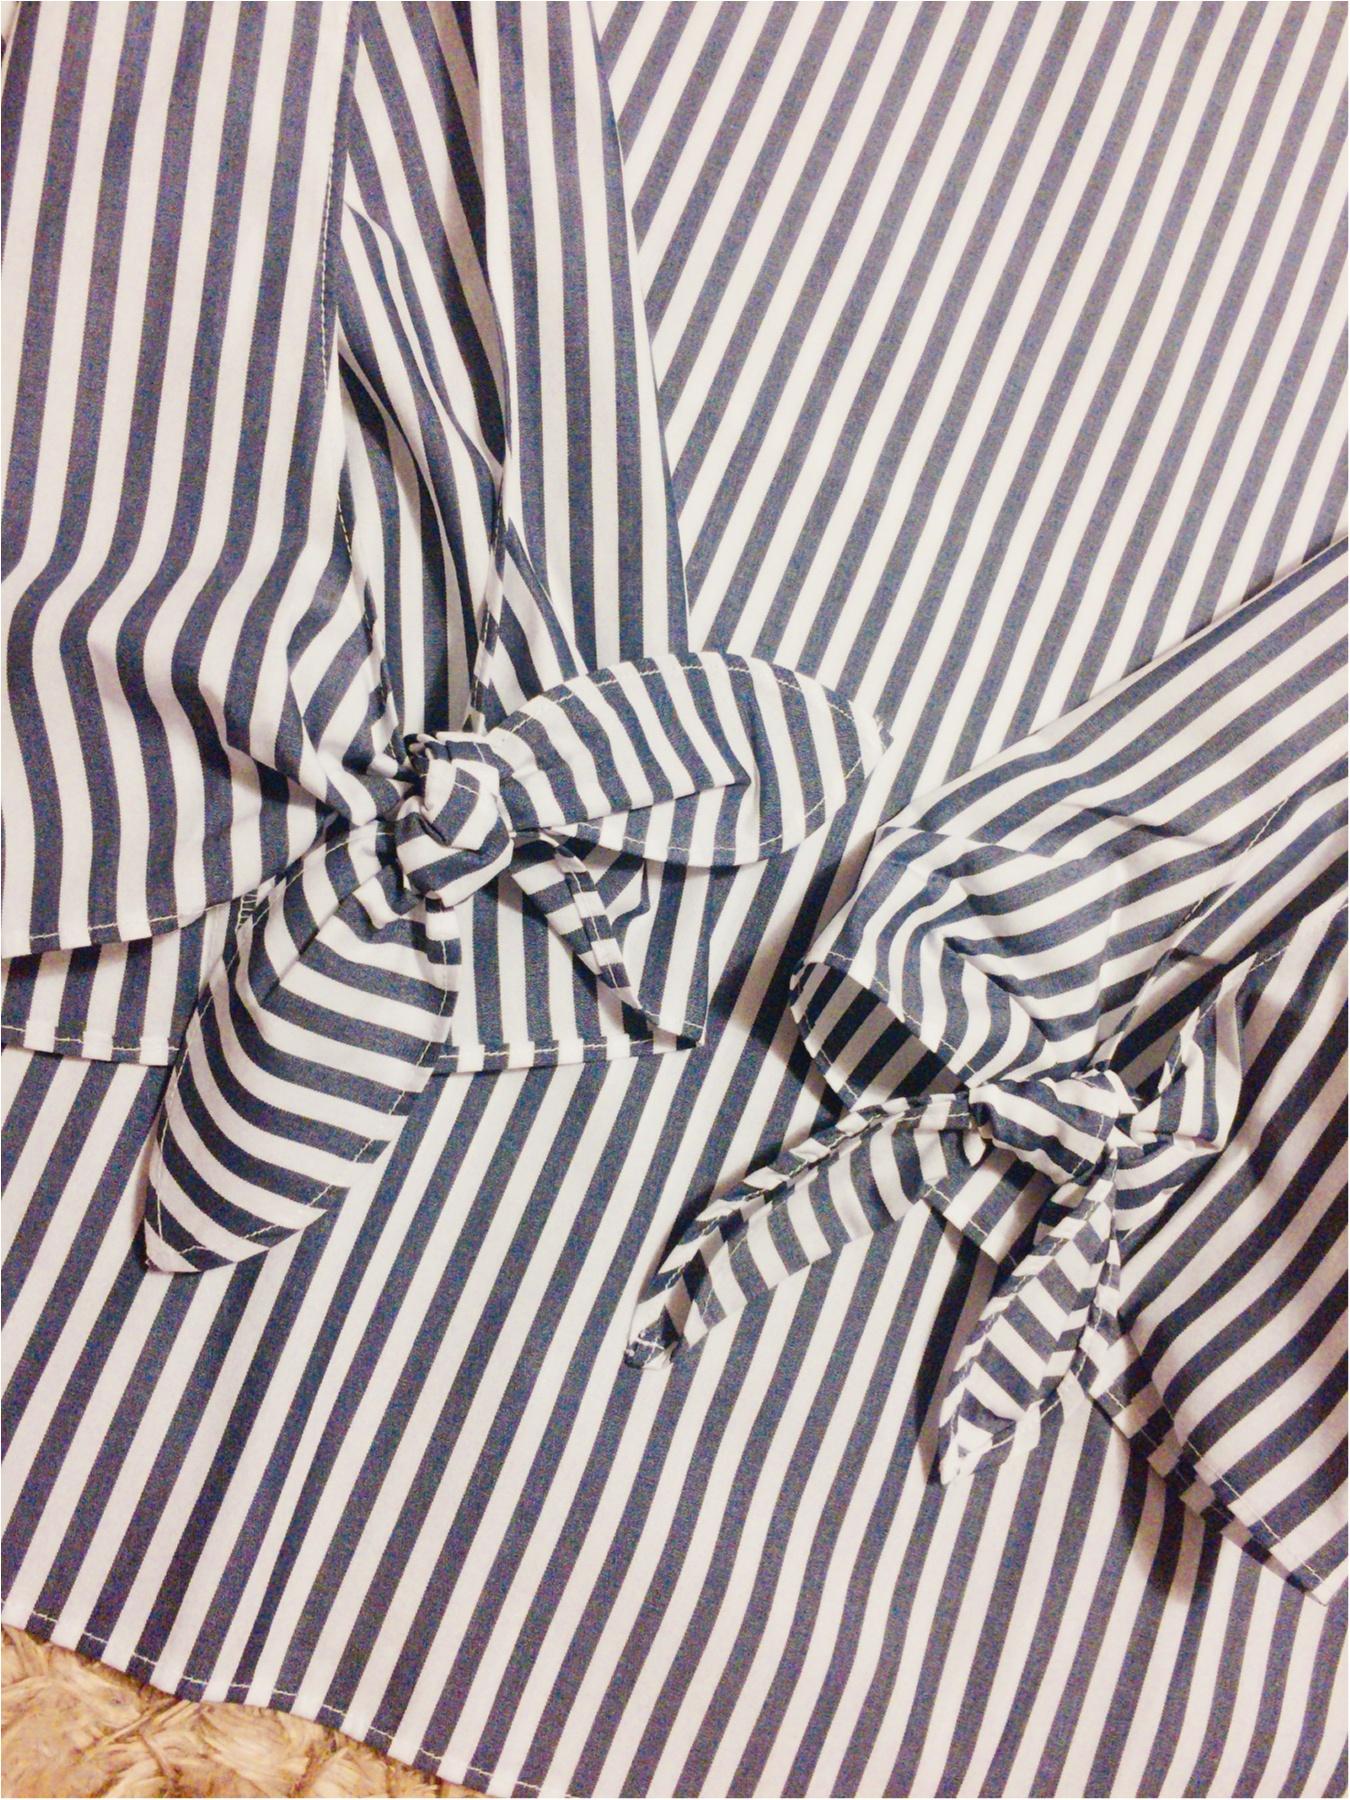 ♡イロチ買いしちゃいました!【GU】のリボン袖ブラウスが可愛すぎる♡_3